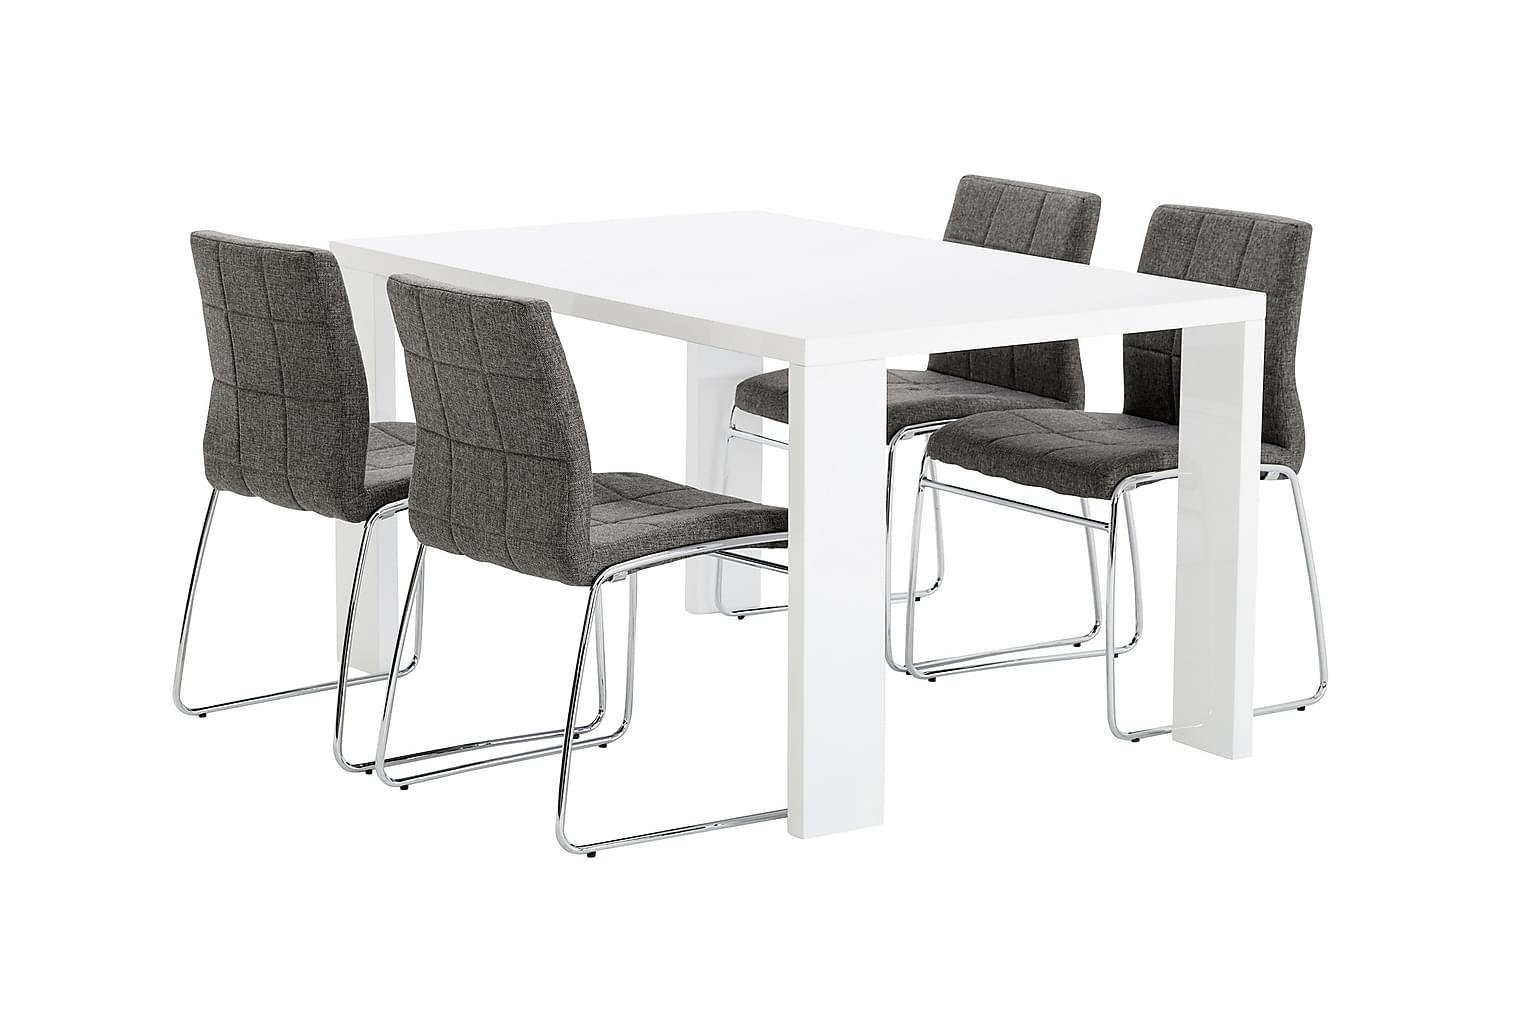 RÖNNE Pöytä 140 Valkoinen + 4 VISKAN Tuolia Harmaa